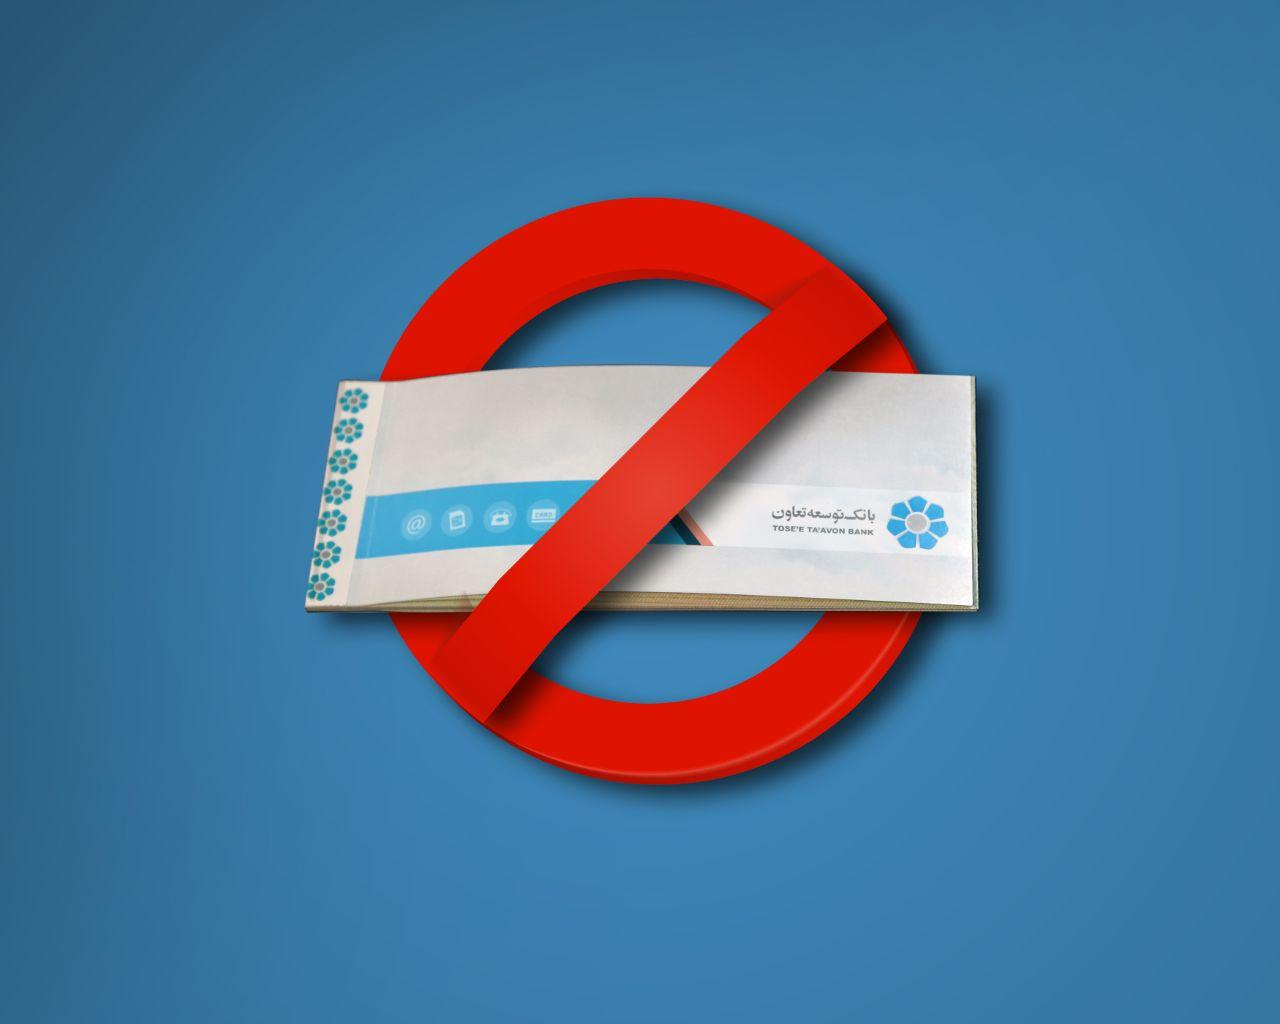 اعطای دسته چک به دارندگان چک برگشتی، ممنوع است